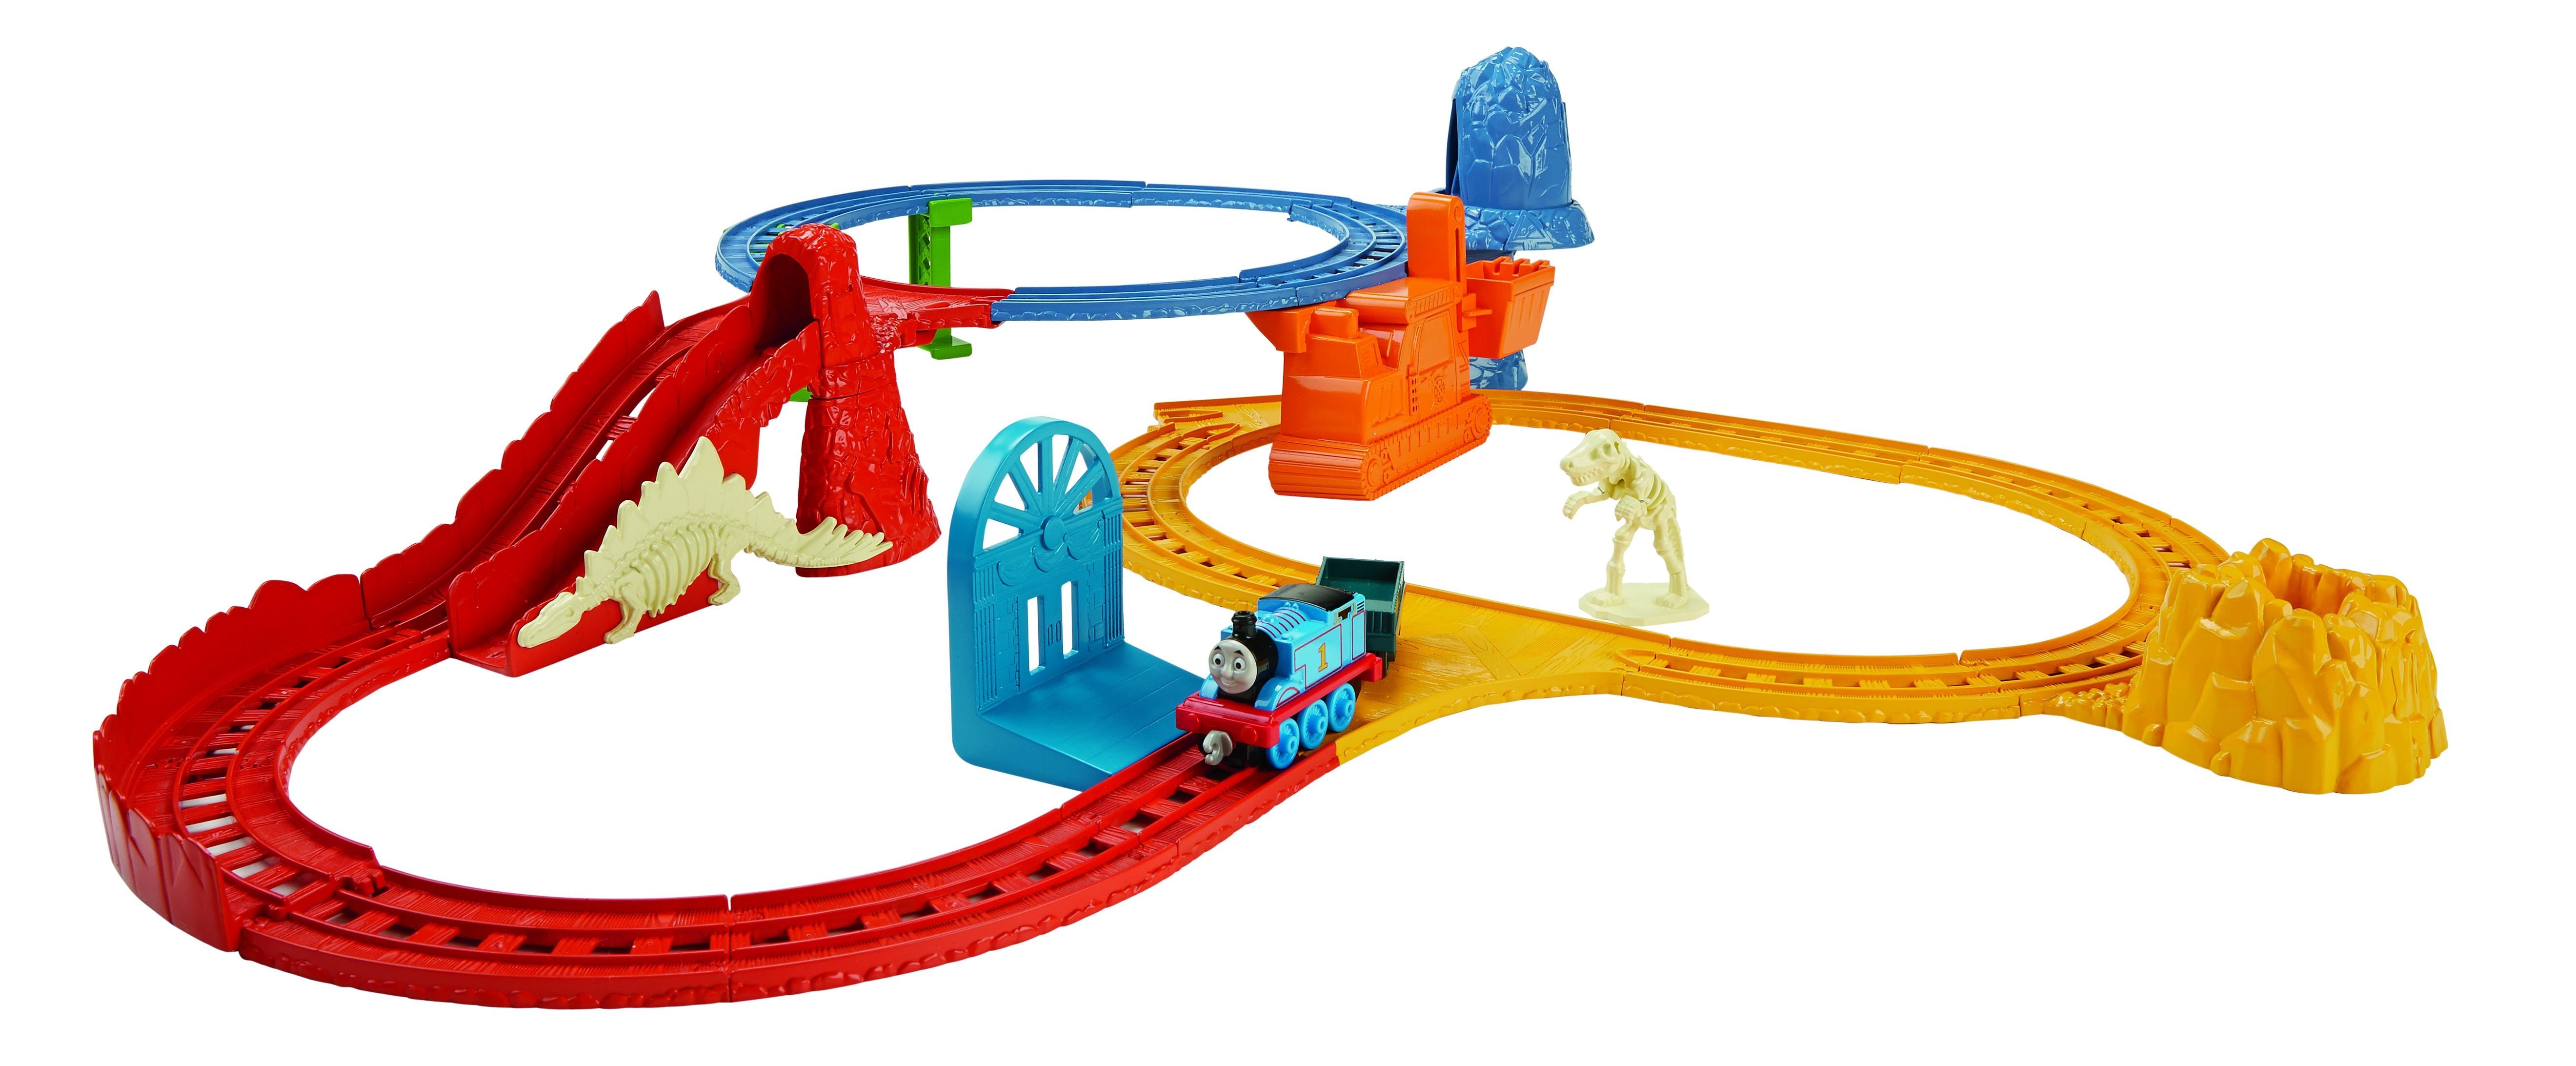 Thomas & Friends Thomas&Friends Игровой набор «Раскопки динозавров» мэри кэй стартовый набор делюкс